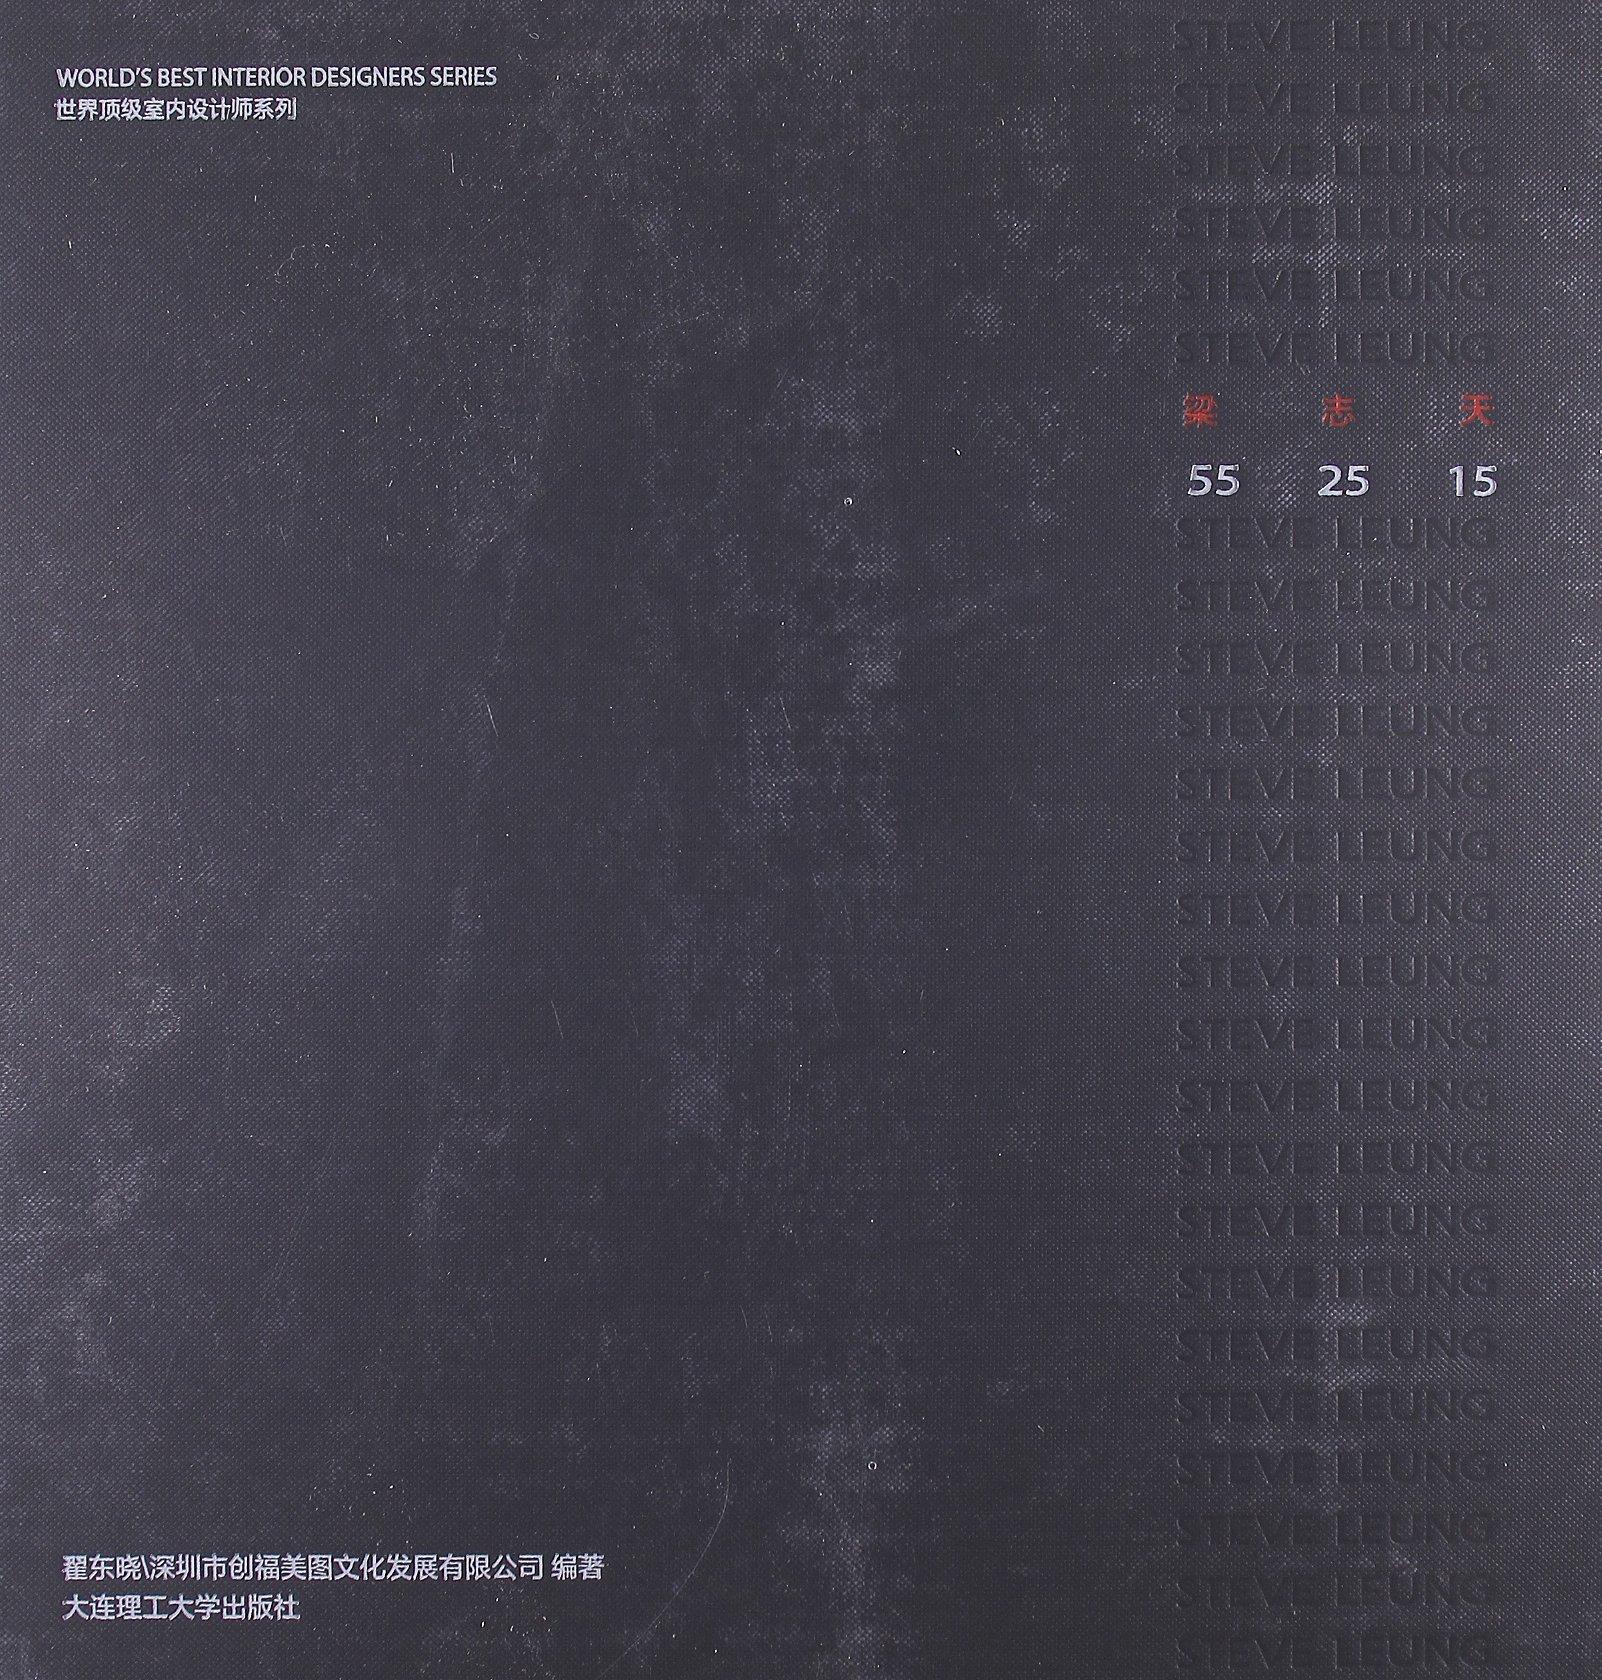 世界顶级室内设计师系列:梁志天55,25,15(英文桌电v世界竞图片